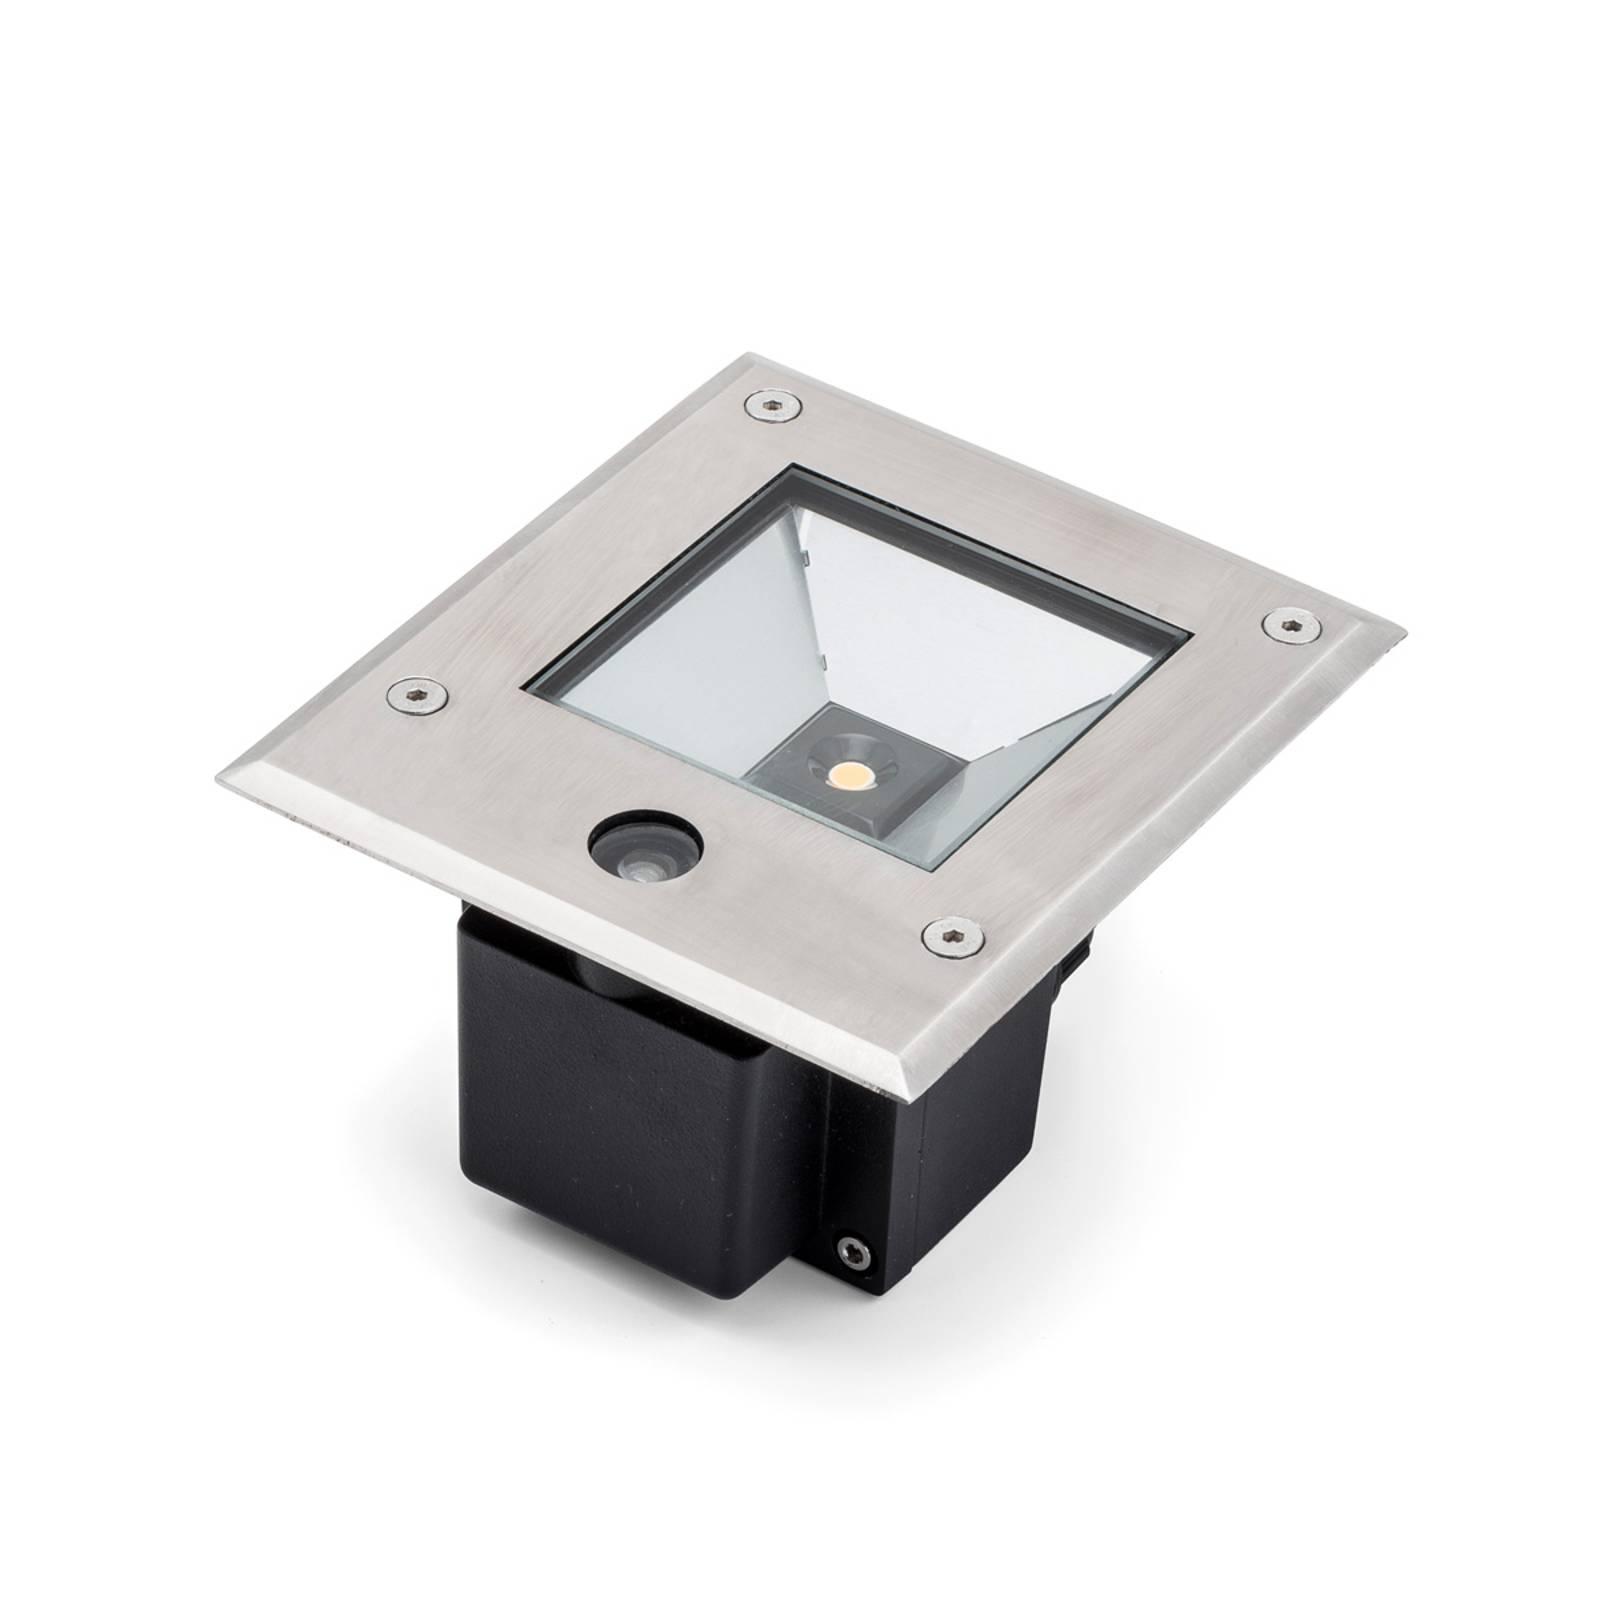 LED-maaspotti Dale 12 W, hämärätunnistin